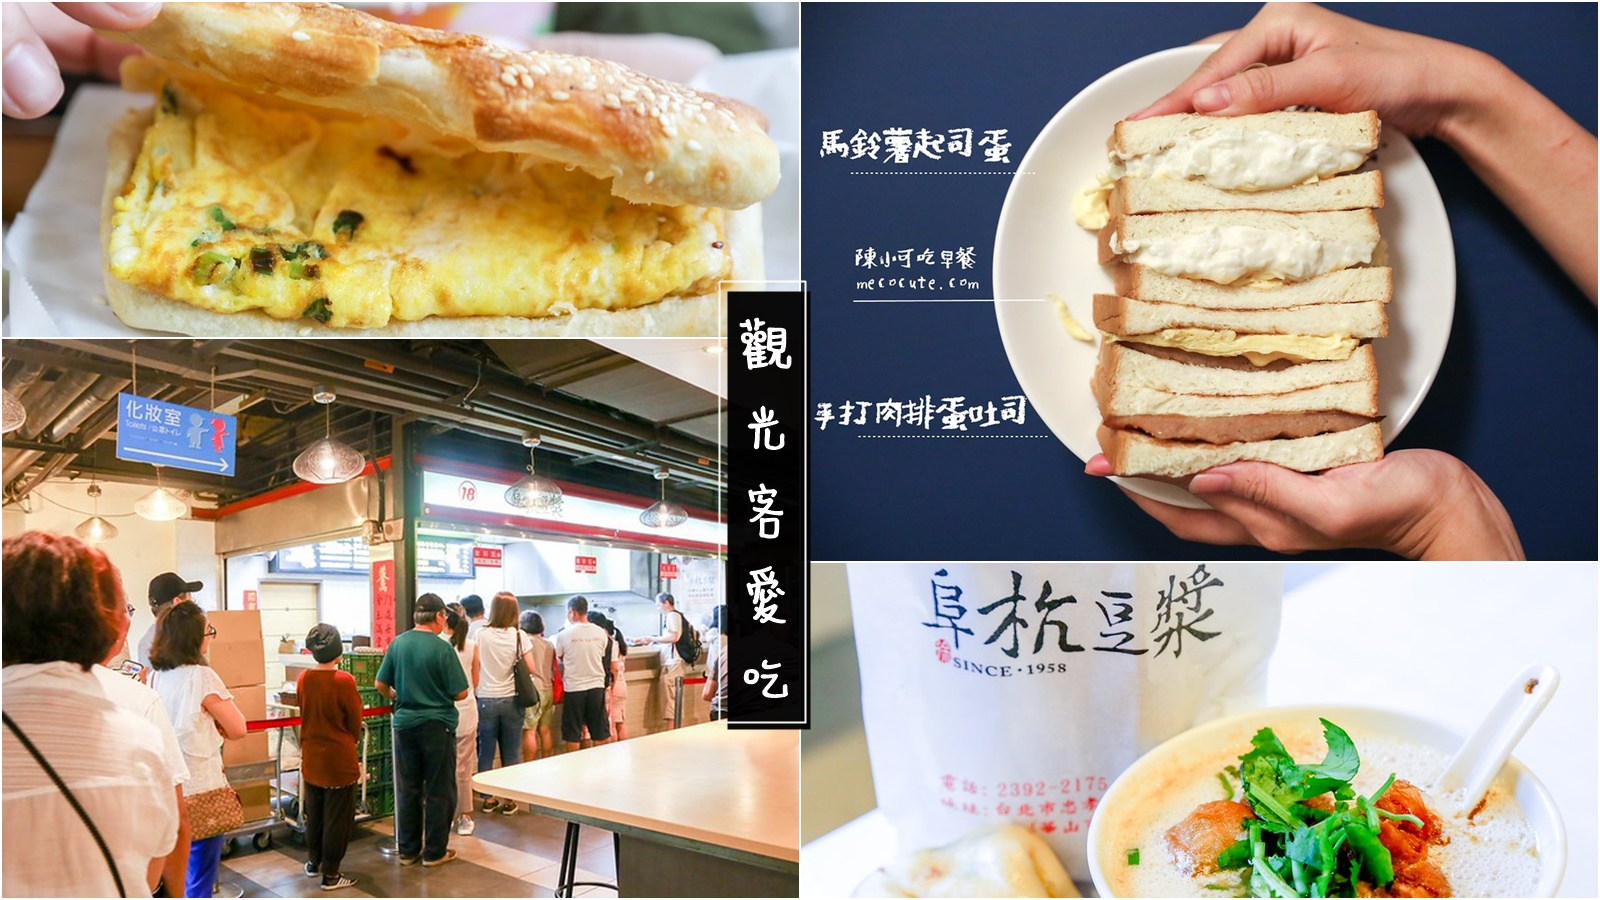 台北必吃早餐,台北早午餐,台北早餐,台北早餐店推薦,台灣必吃早餐,台灣早餐 @陳小可的吃喝玩樂